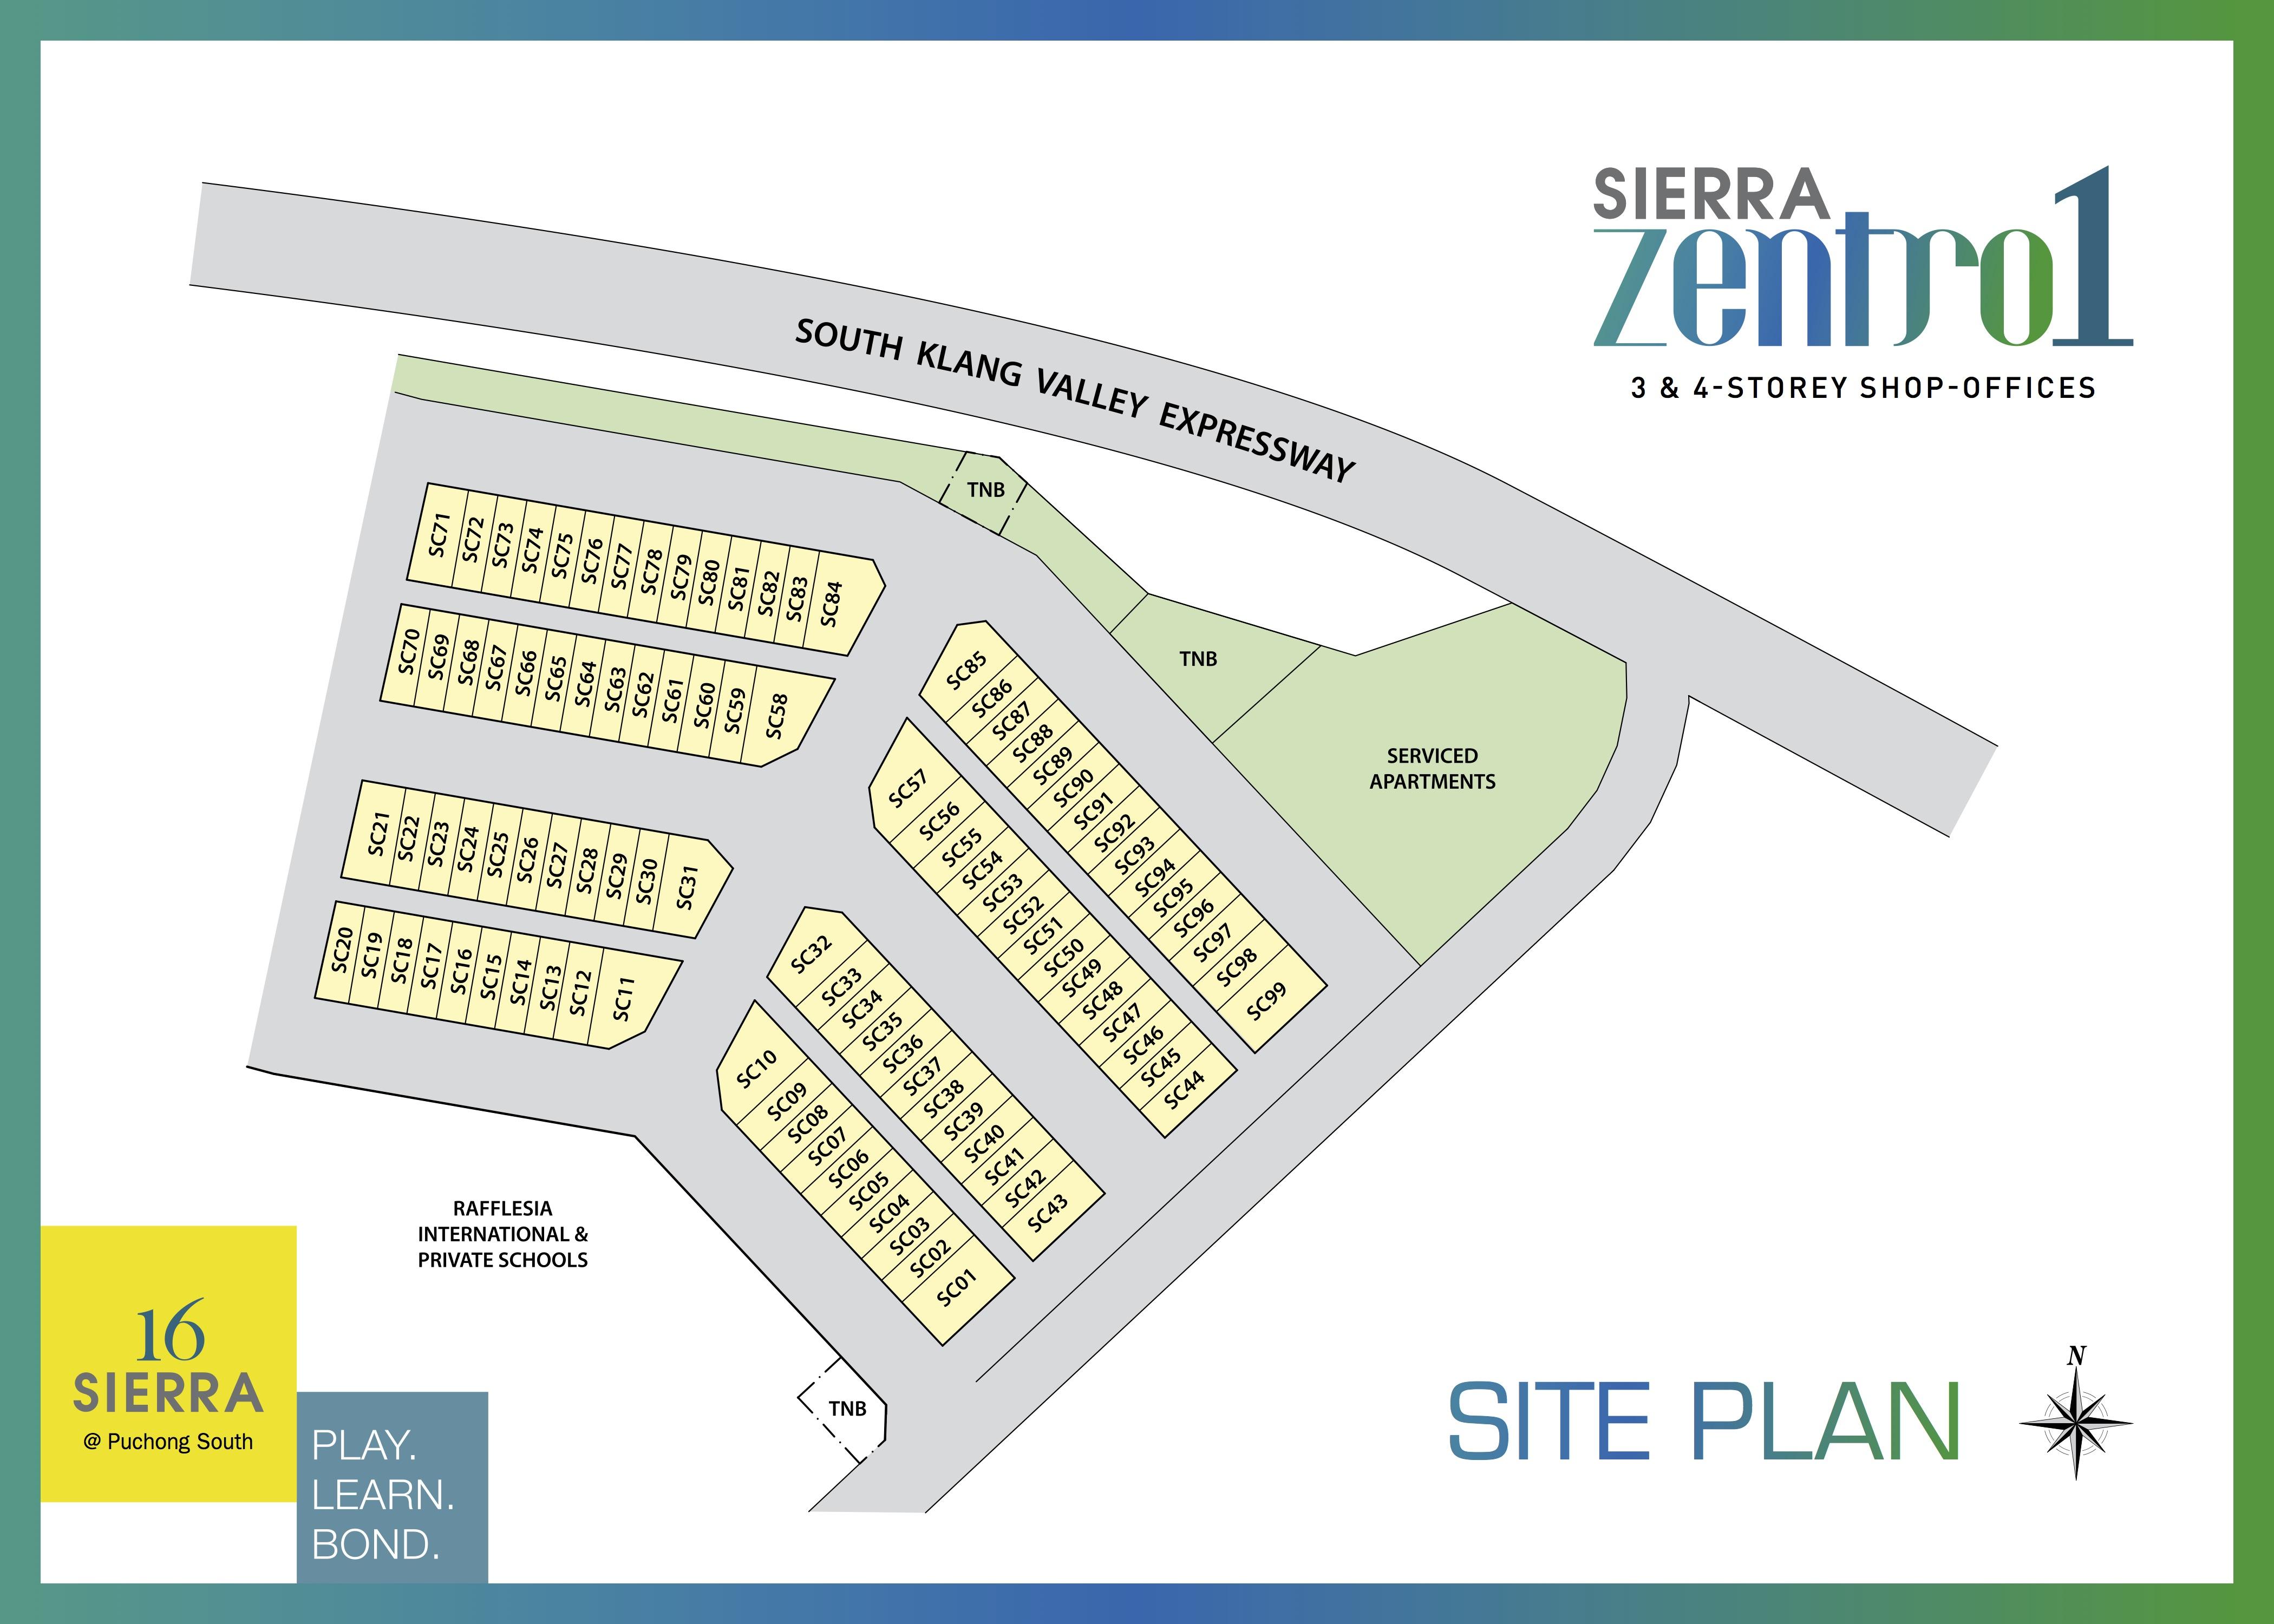 Site Plan of Sierra Zentro 1